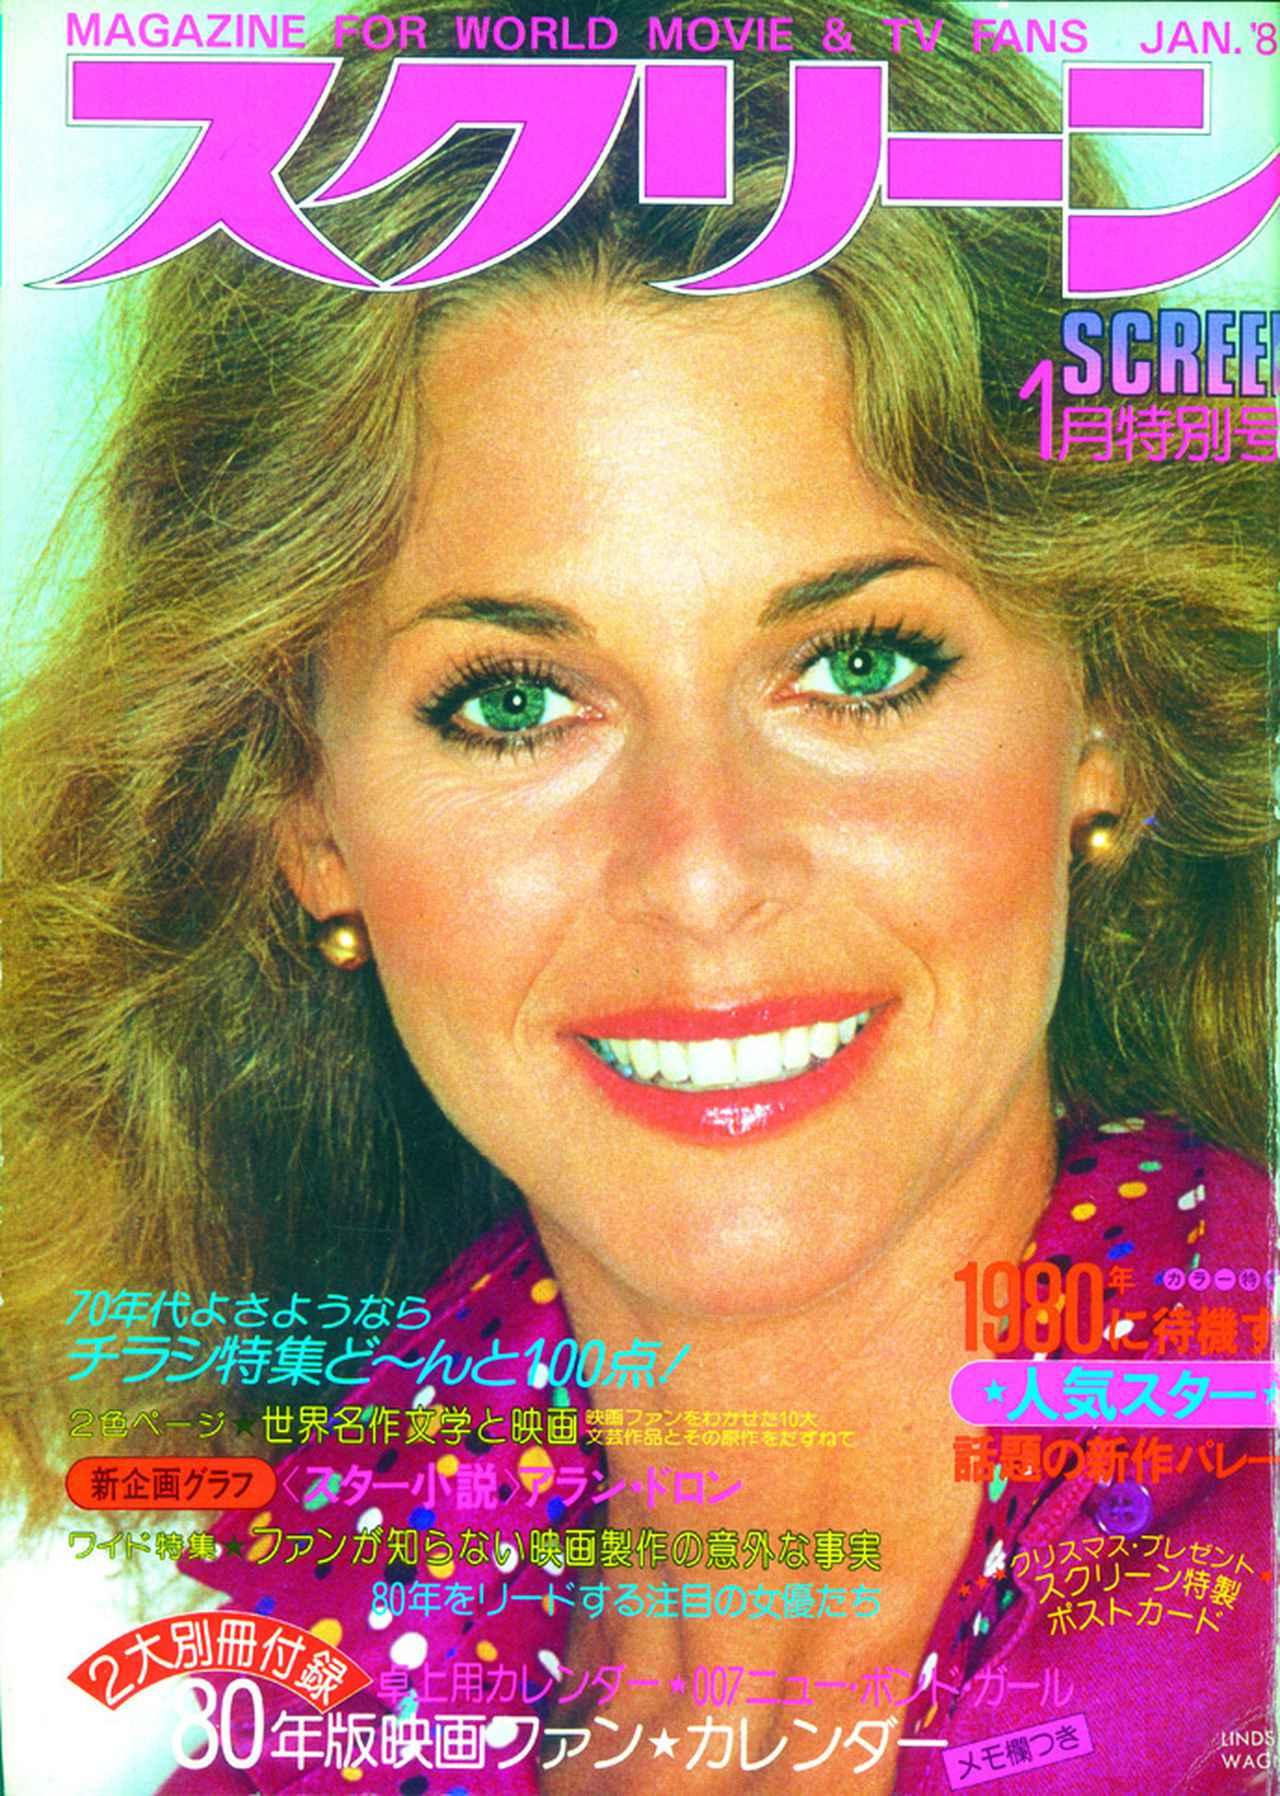 画像: 当時の人気を物語る、リンゼイが表紙を飾った1980年1月号のスクリーン